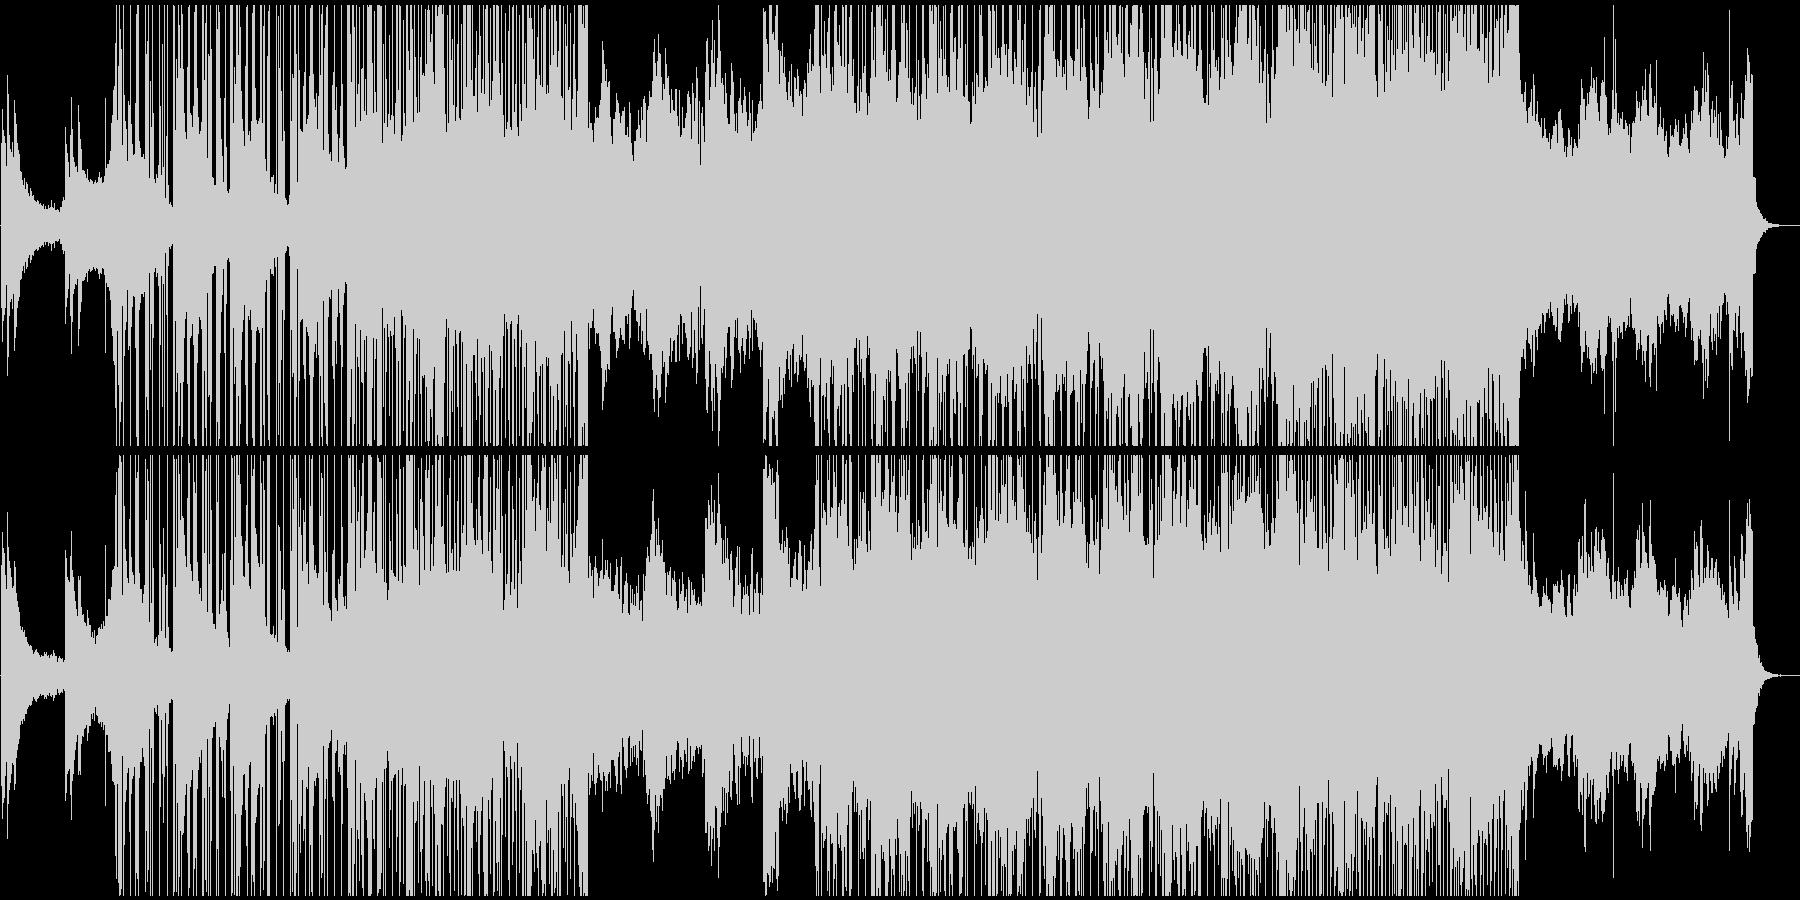 幻想的で浮遊感のあるダウンテンポの未再生の波形